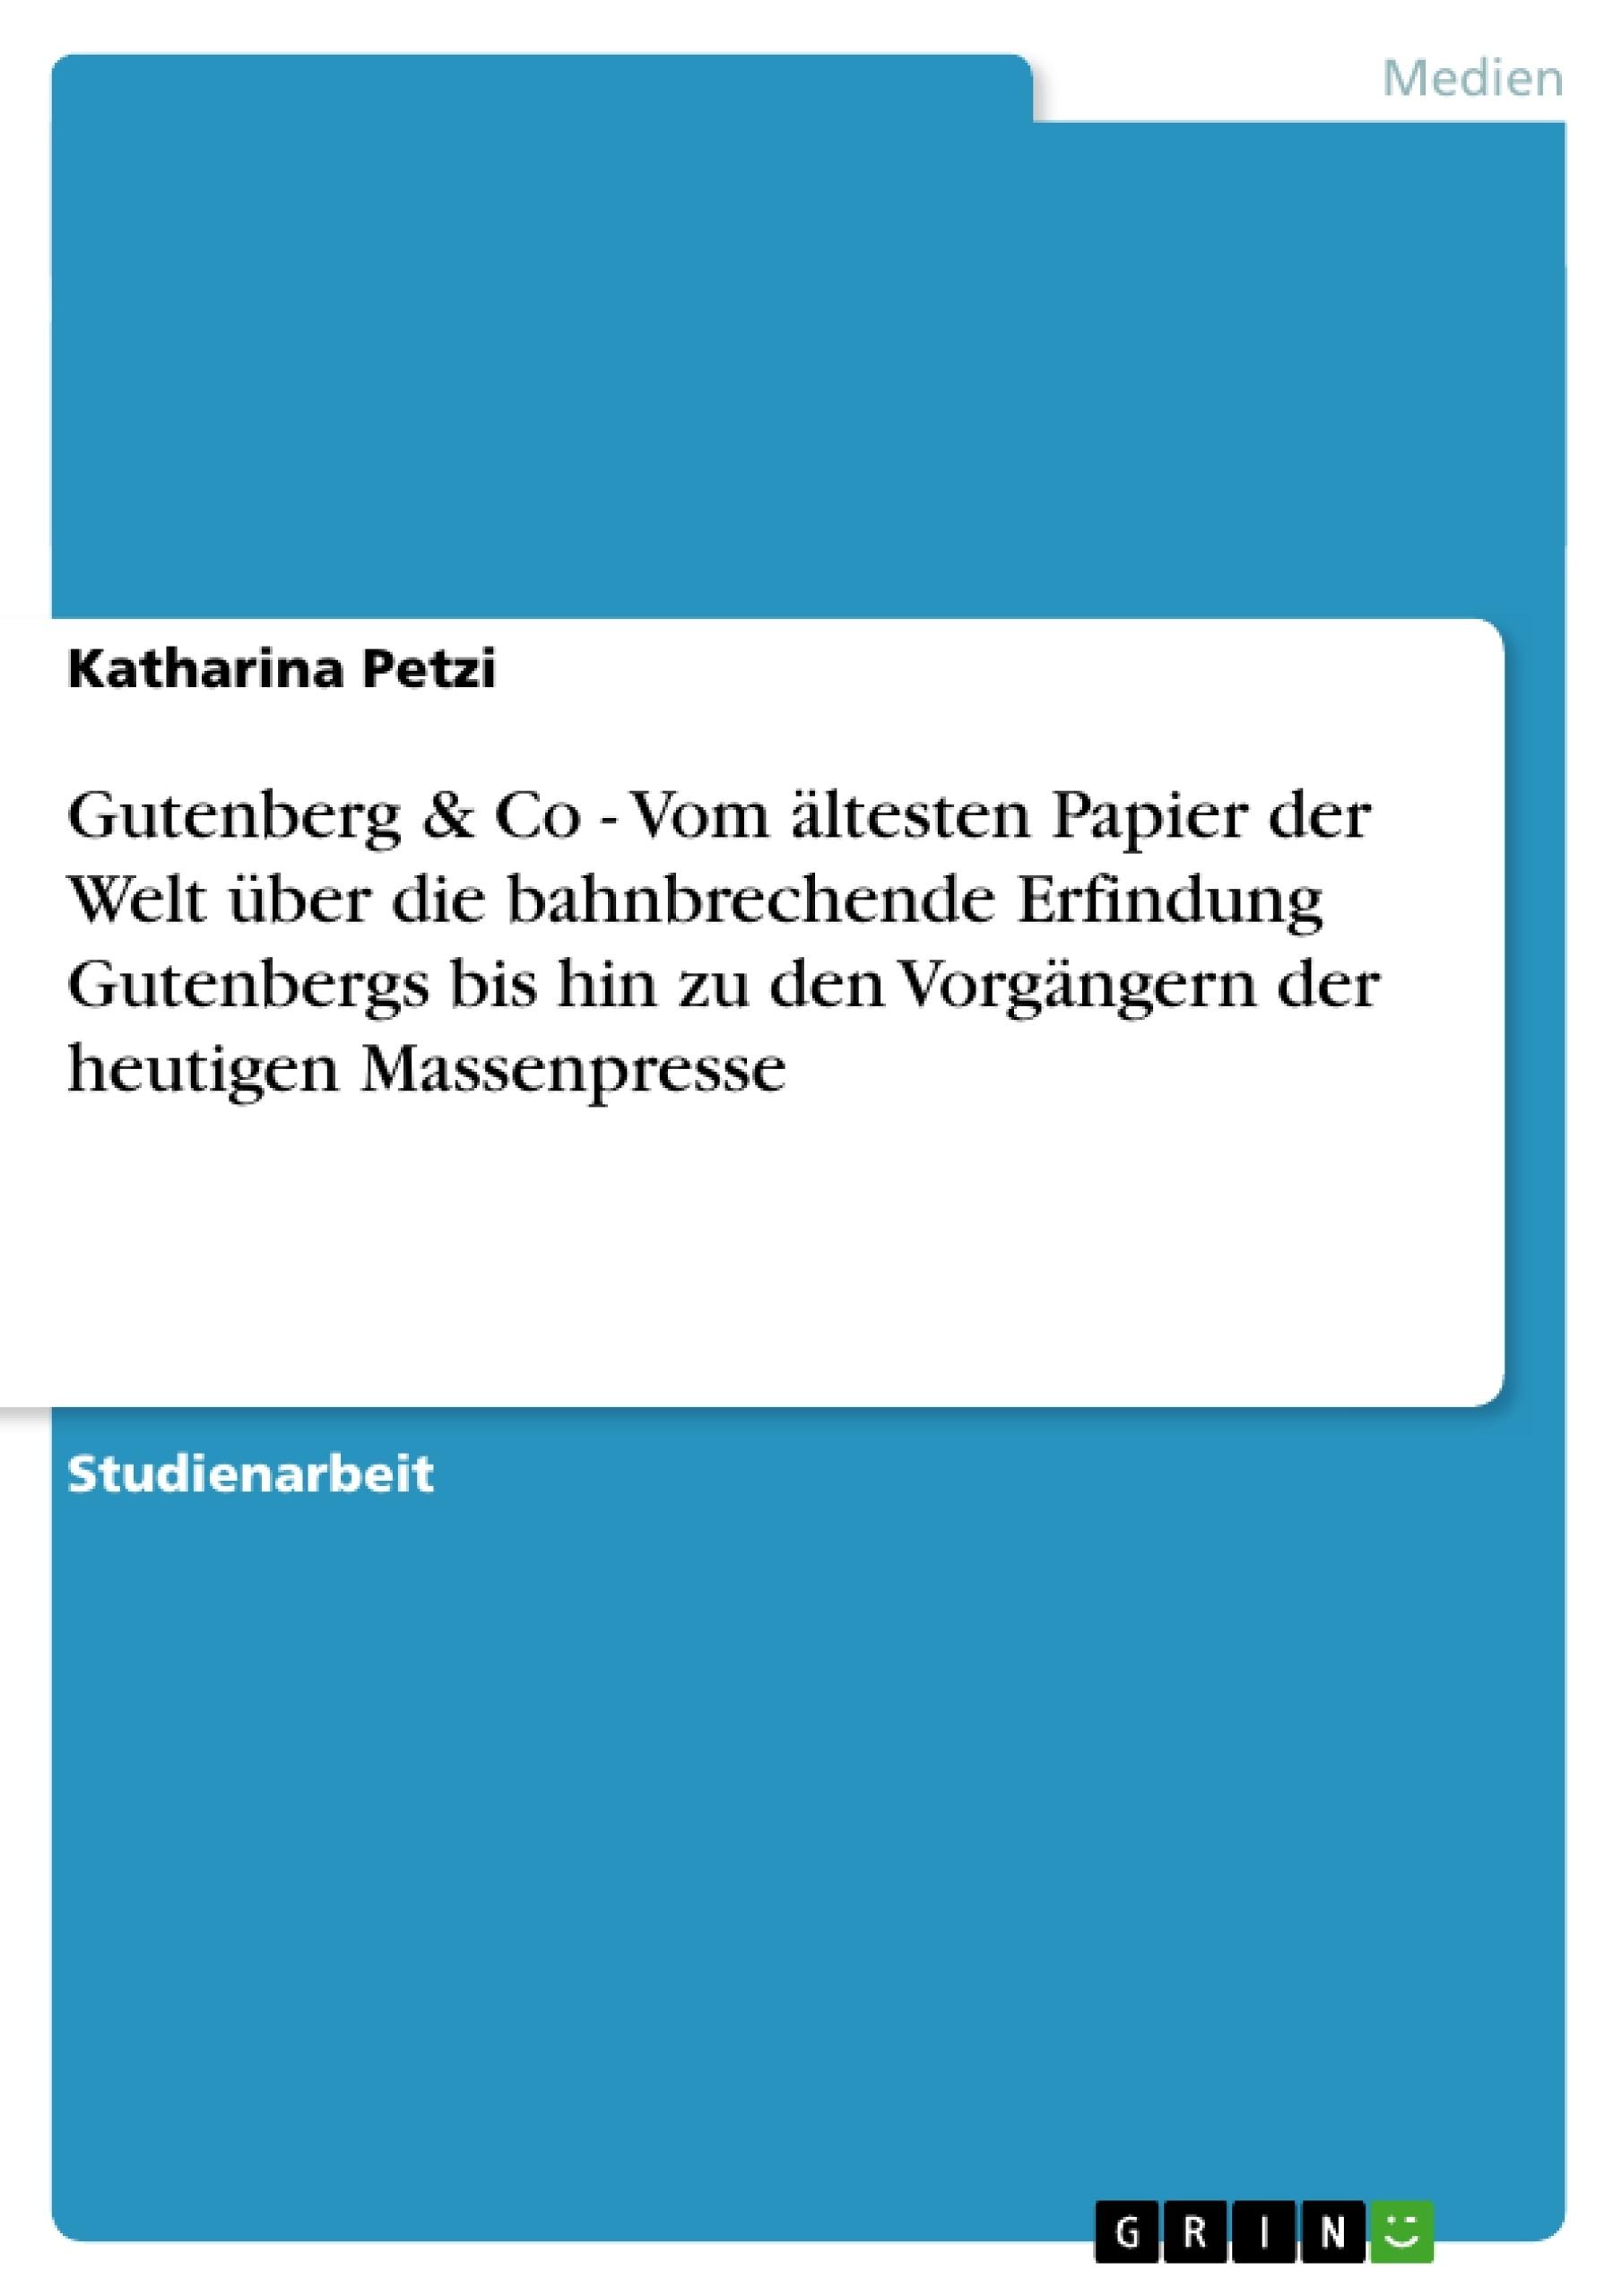 Titel: Gutenberg & Co - Vom ältesten Papier der Welt über die bahnbrechende Erfindung Gutenbergs bis hin zu den Vorgängern der heutigen Massenpresse